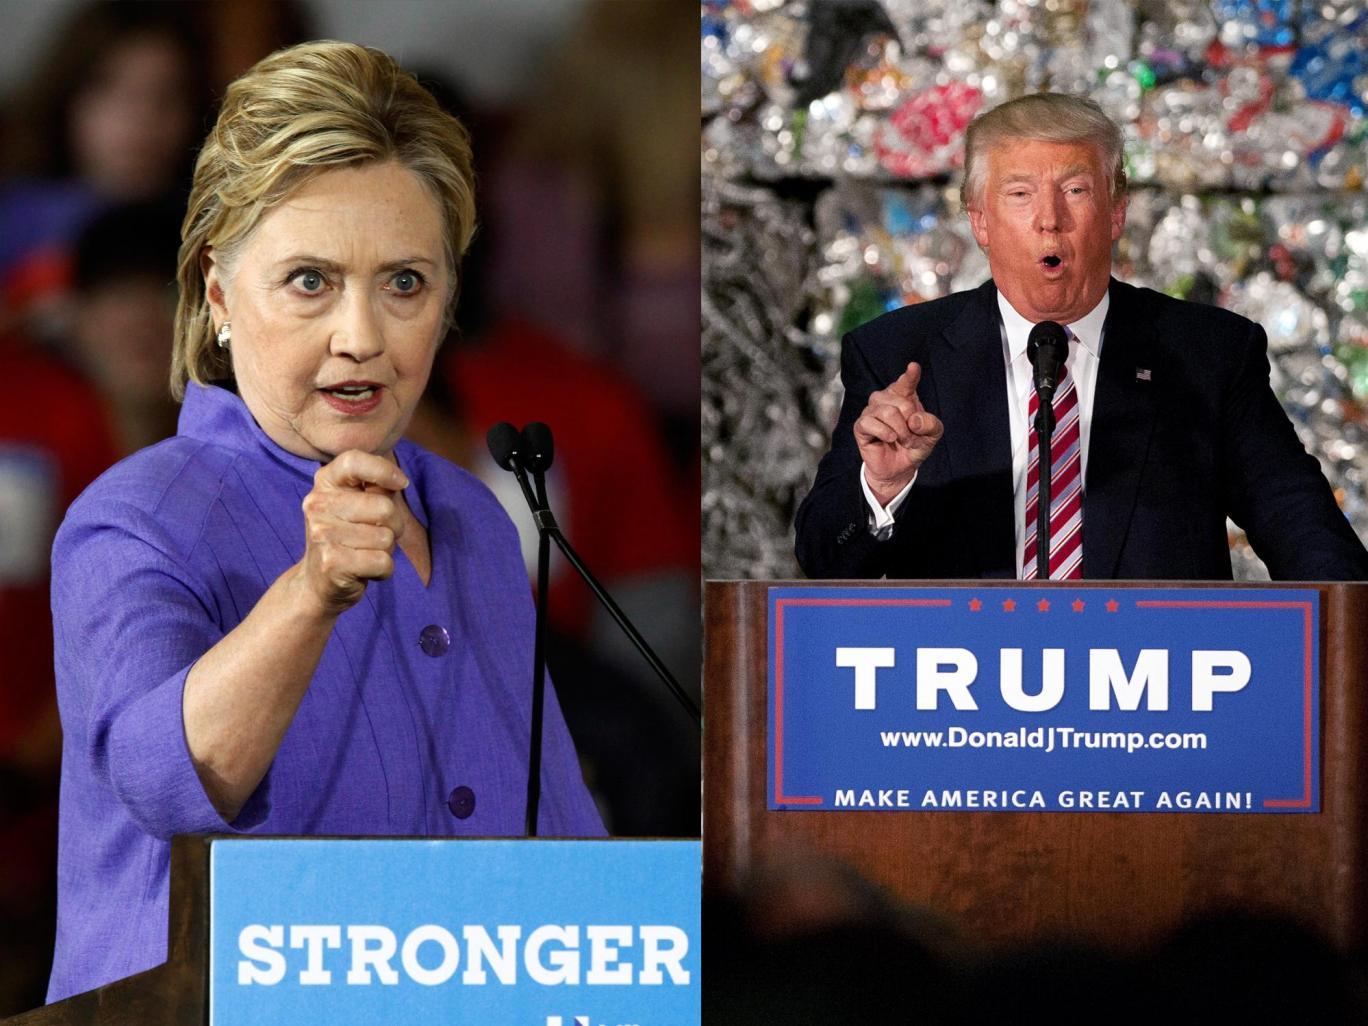 Rasturnare de situatie, dupa Conventia Partidului Republican. Diferenta in sondaje dintre Donald Trump si Hillary Clinton